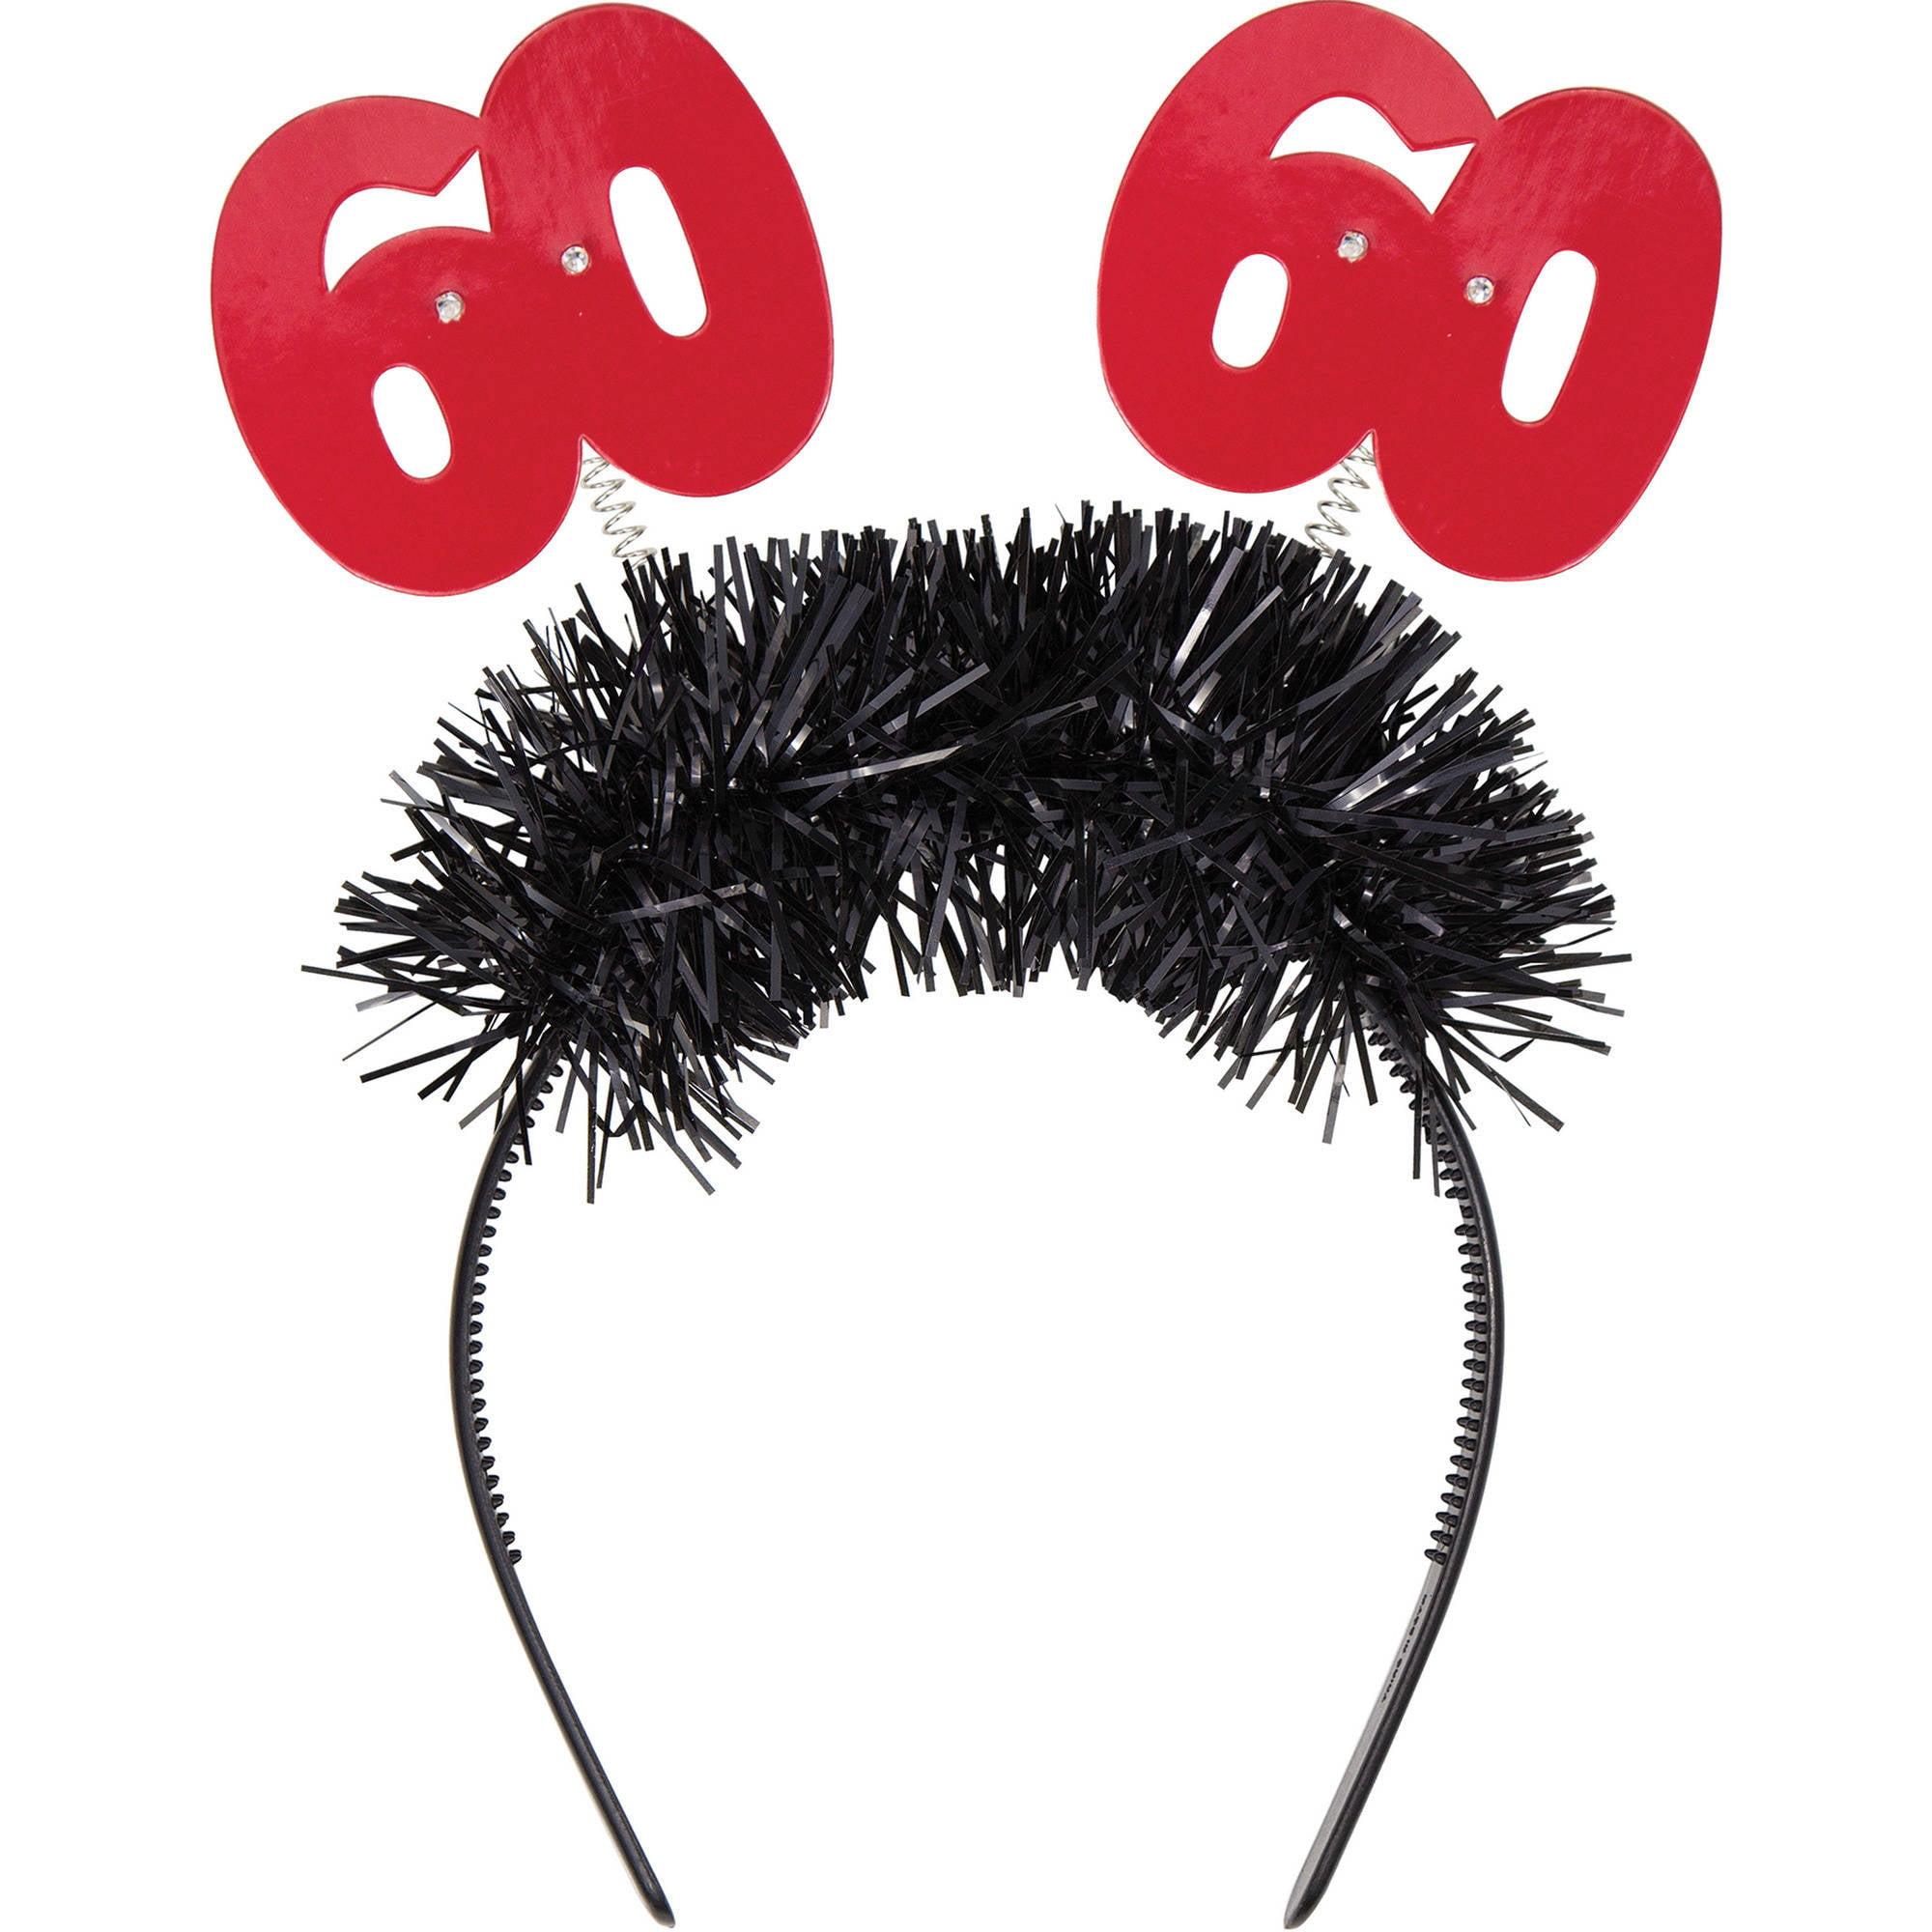 Flashing 60th Birthday Headband, 1pk